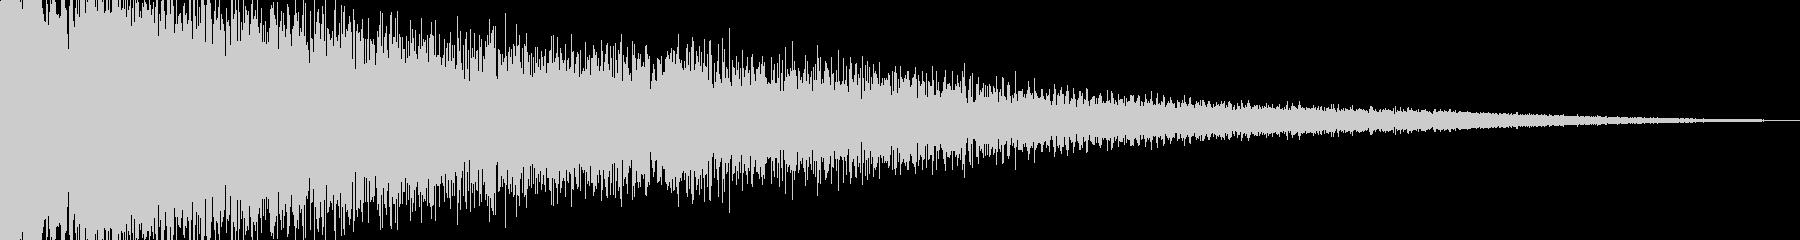 ビームライフル発射音 タイプ3の未再生の波形